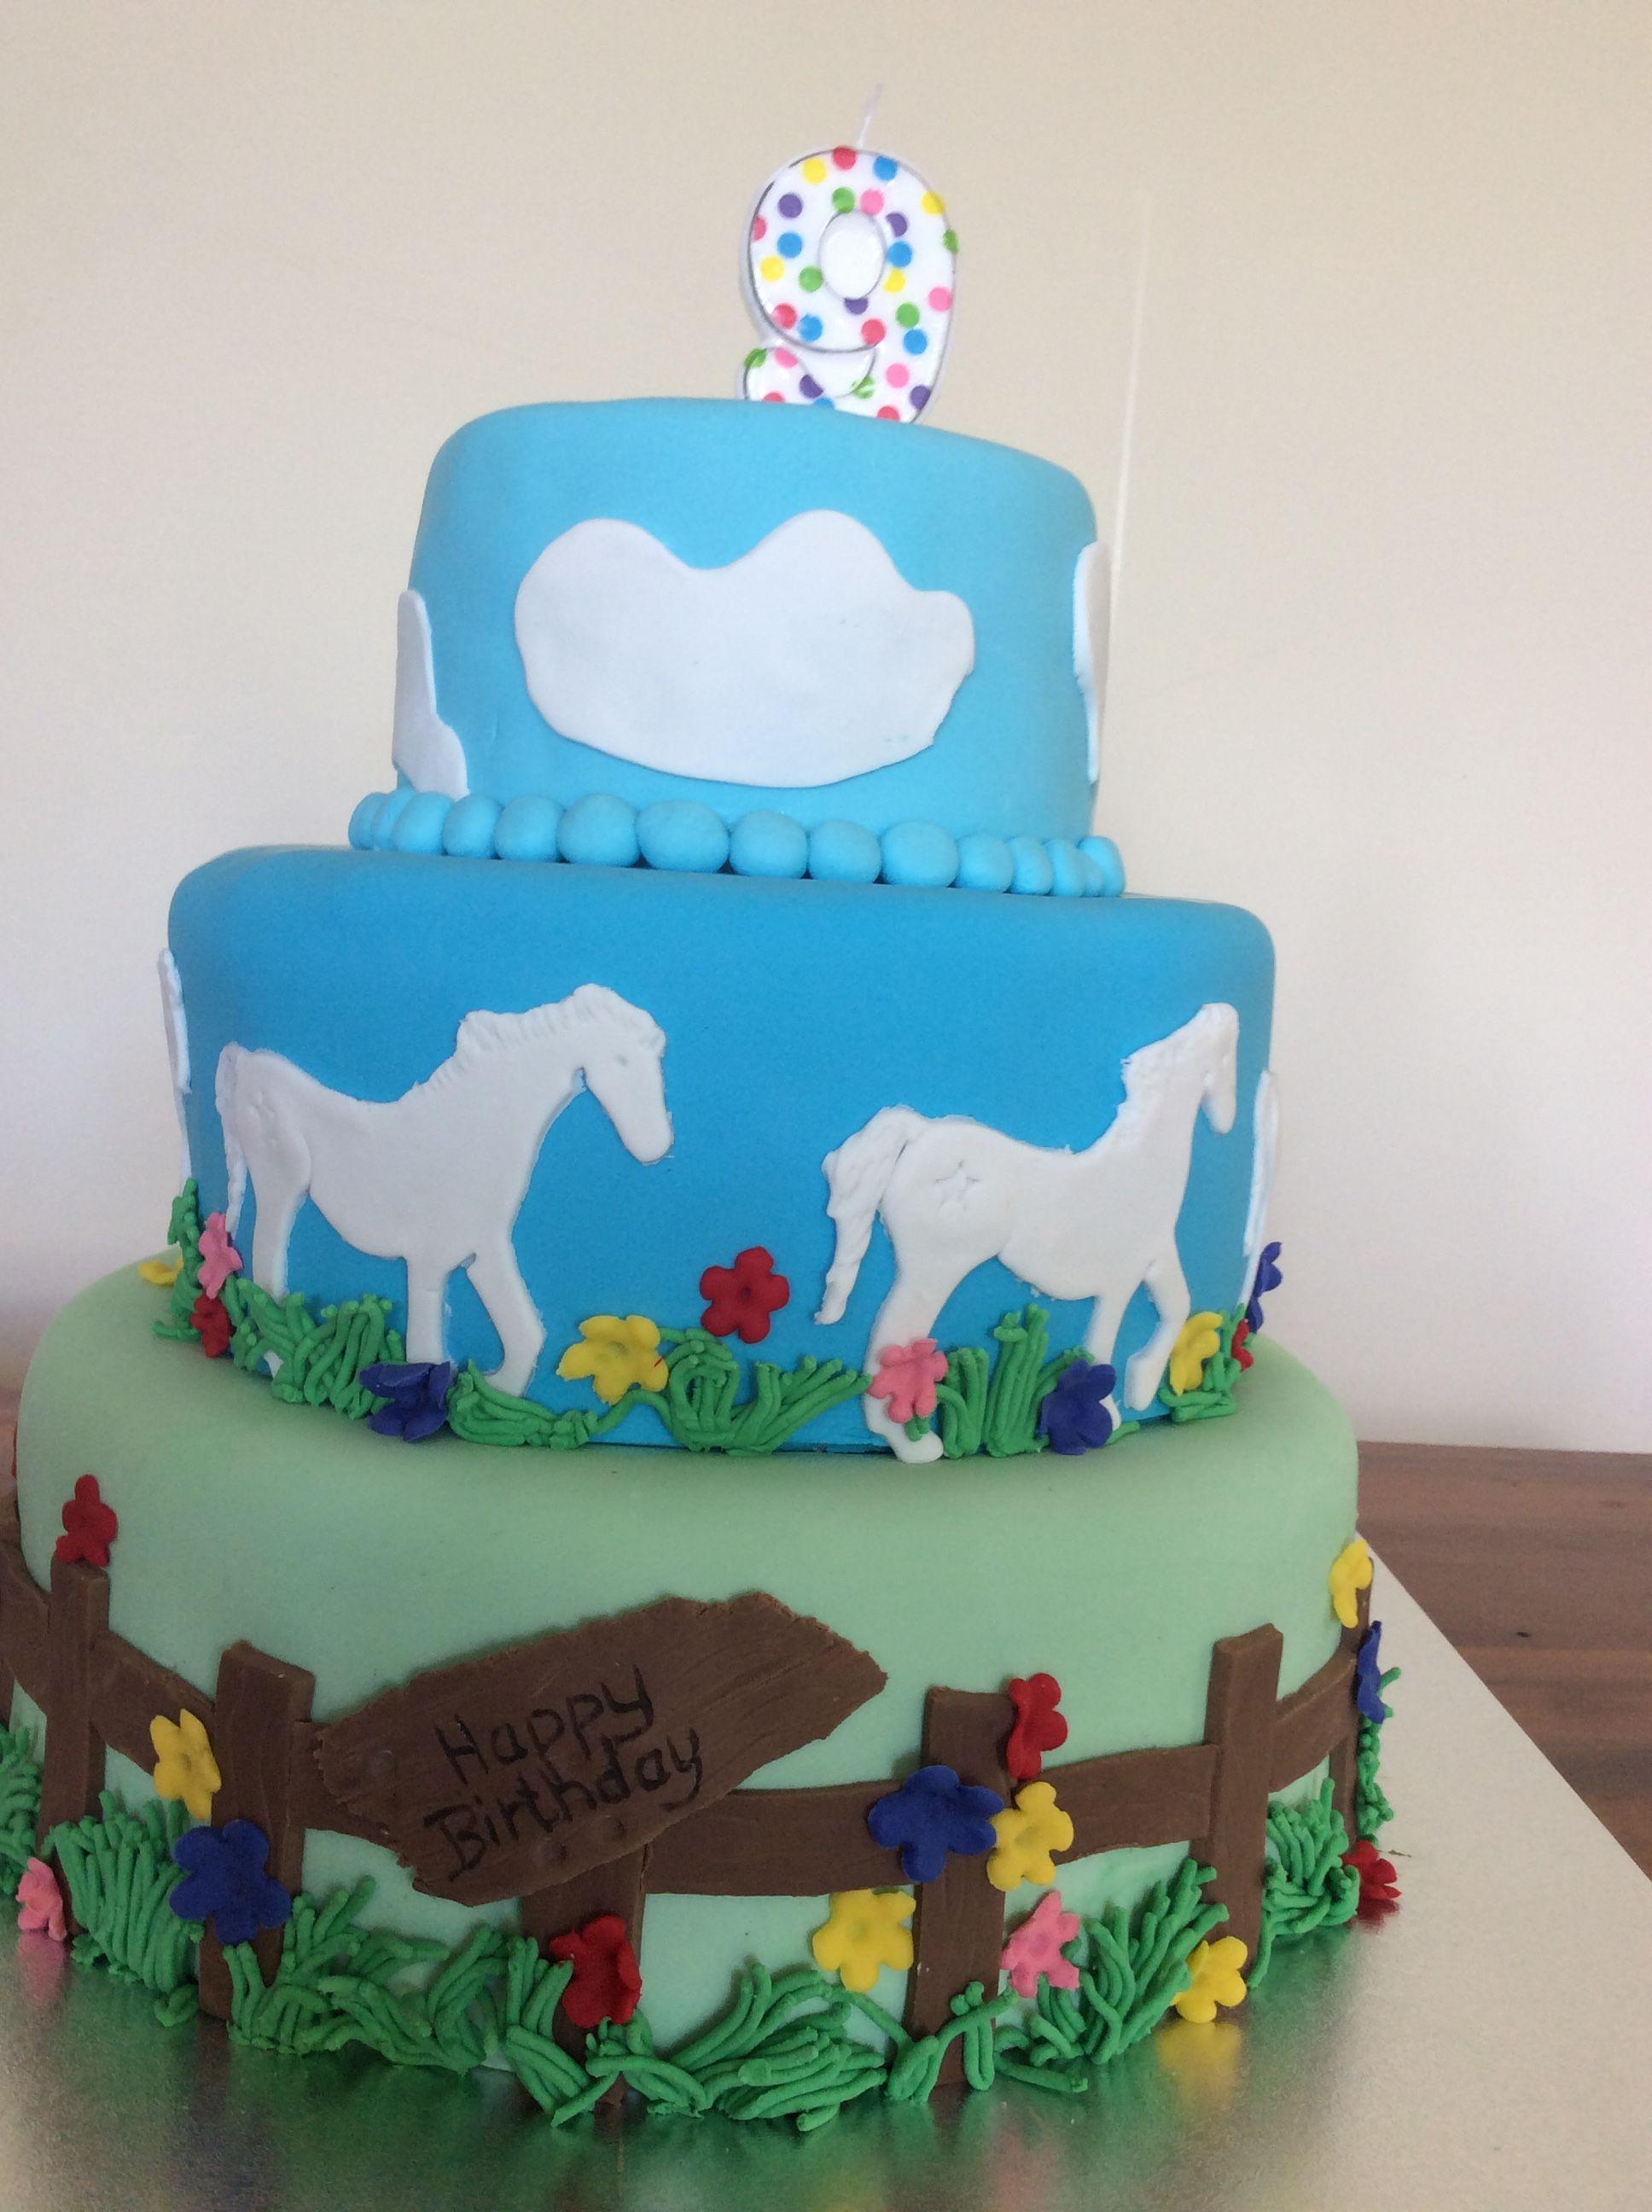 Horse Themed Birthday Cake For Girl Turning 9 My Cakes Pinterest